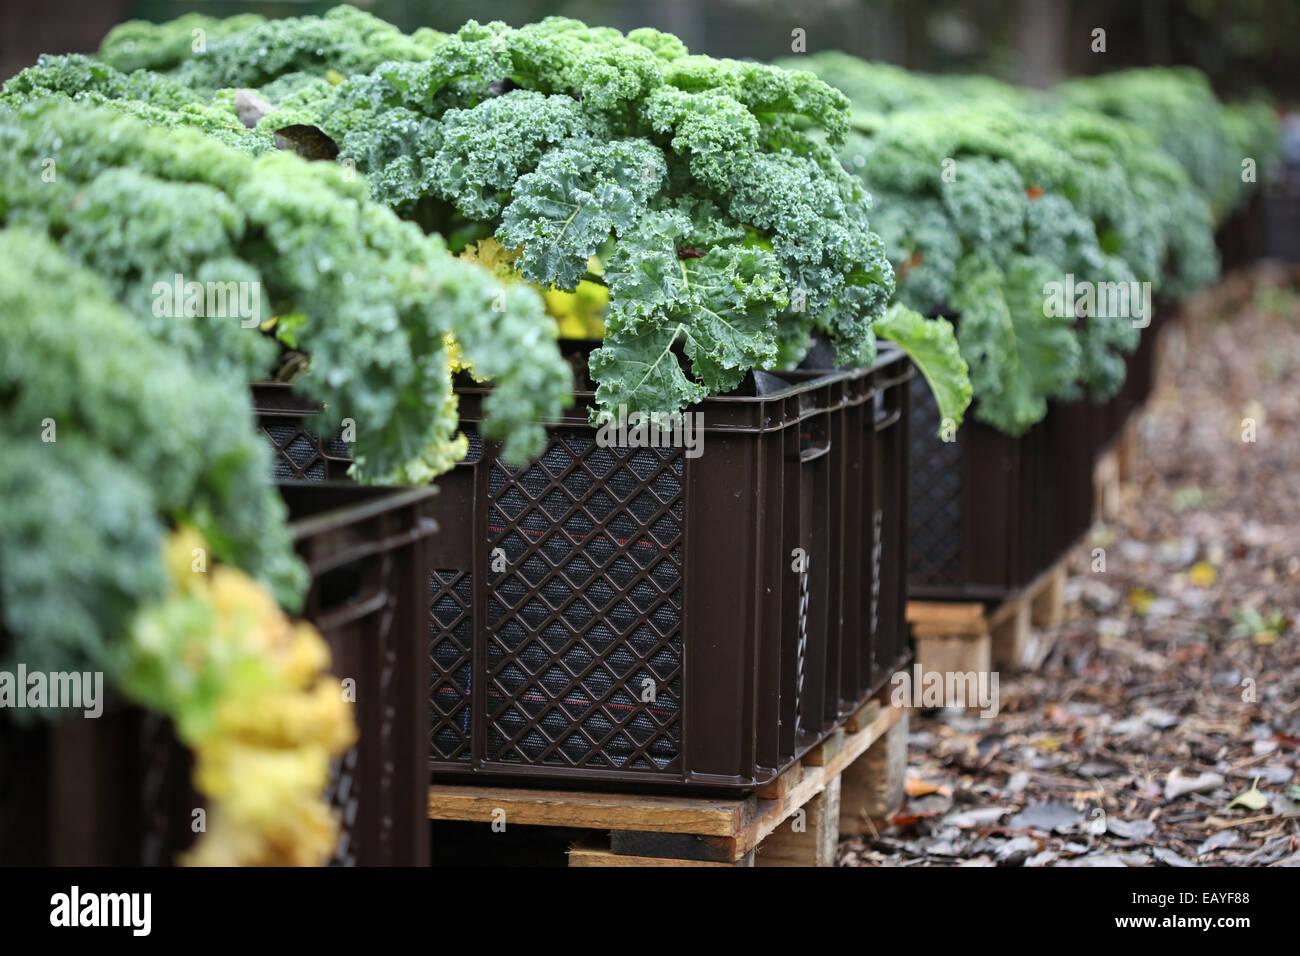 Close-up de la col rizada salmón en planta de cajas en un proyecto de horticultura urbana en Alemania Imagen De Stock